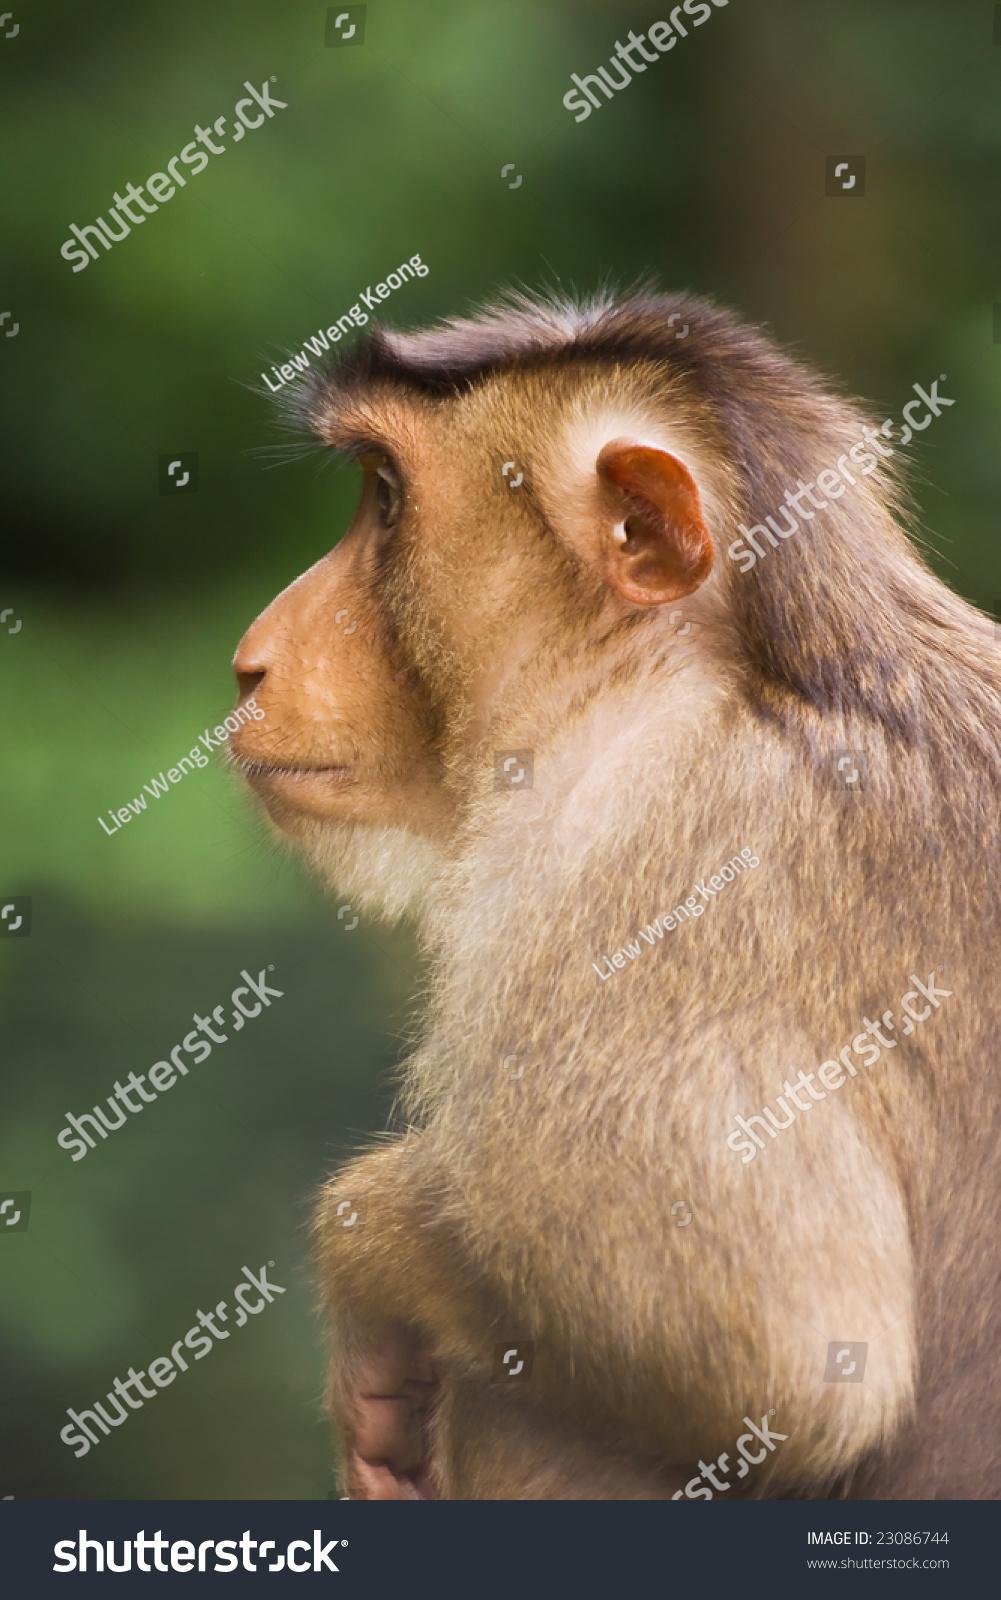 monkey side view stock photo 23086744 shutterstock